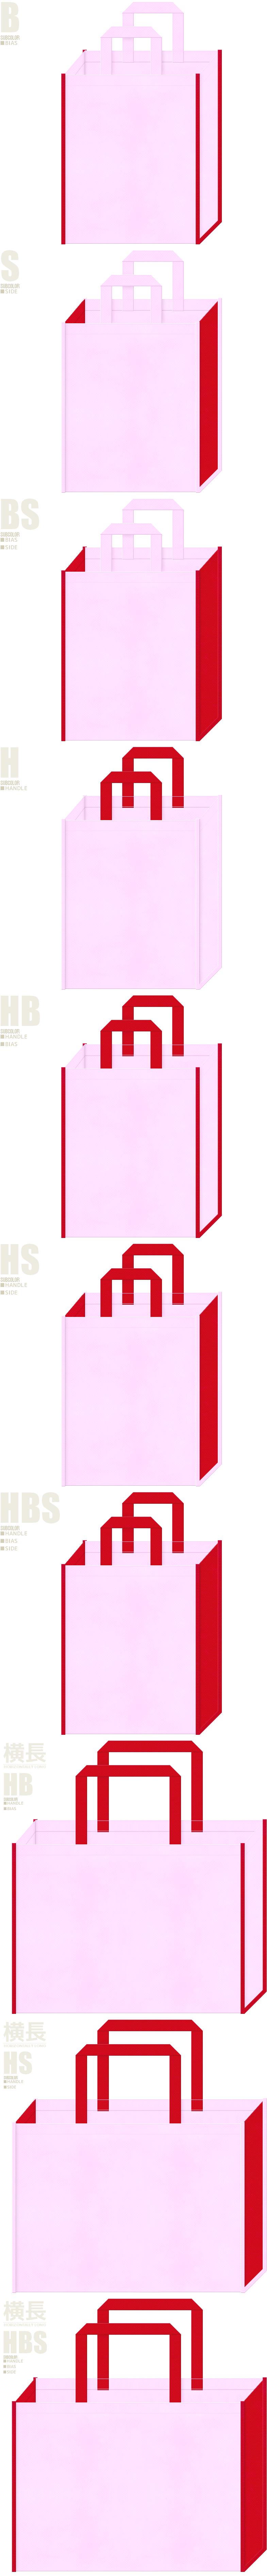 いちご大福・バレンタイン・ひな祭り・カーネーション・母の日・お正月・和風催事にお奨めの不織布バッグデザイン:明るいピンク色と紅色の配色7パターン。